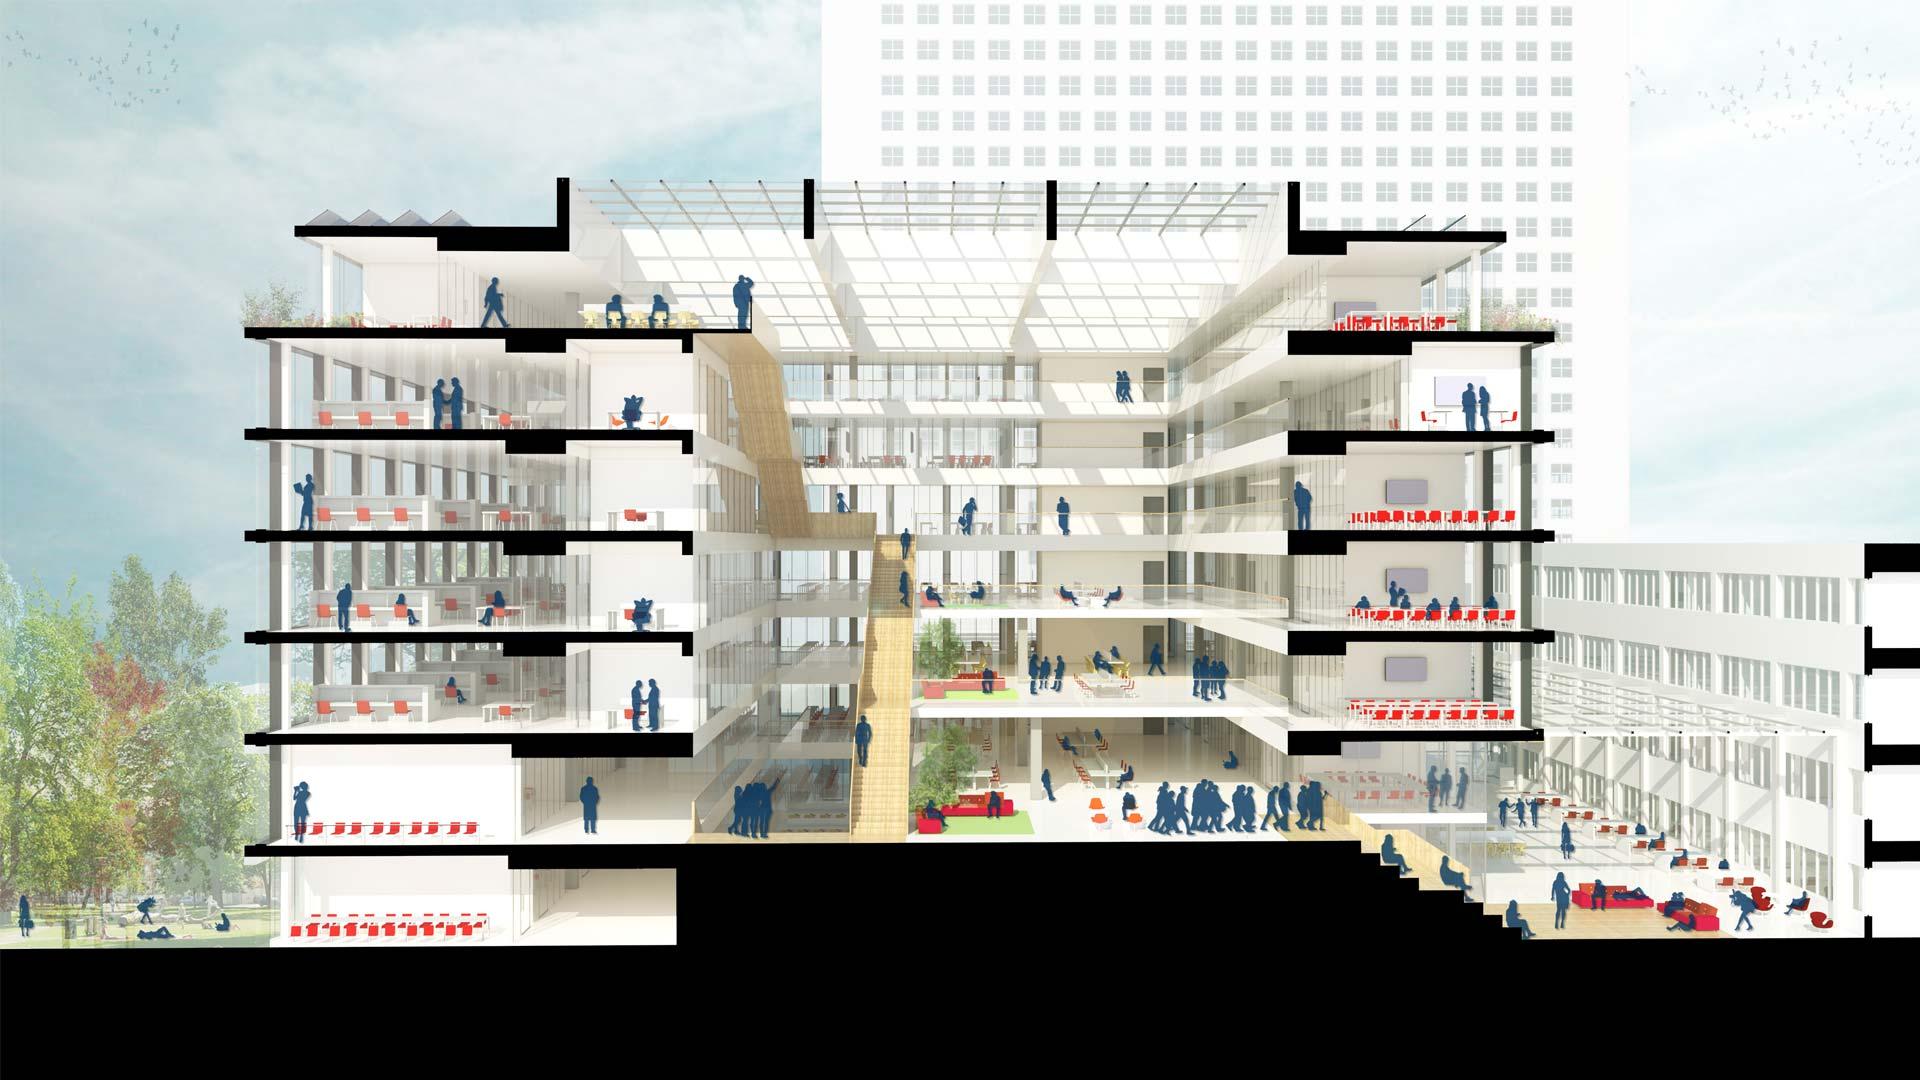 Hogeschool Rotterdam Paul de Ruiter